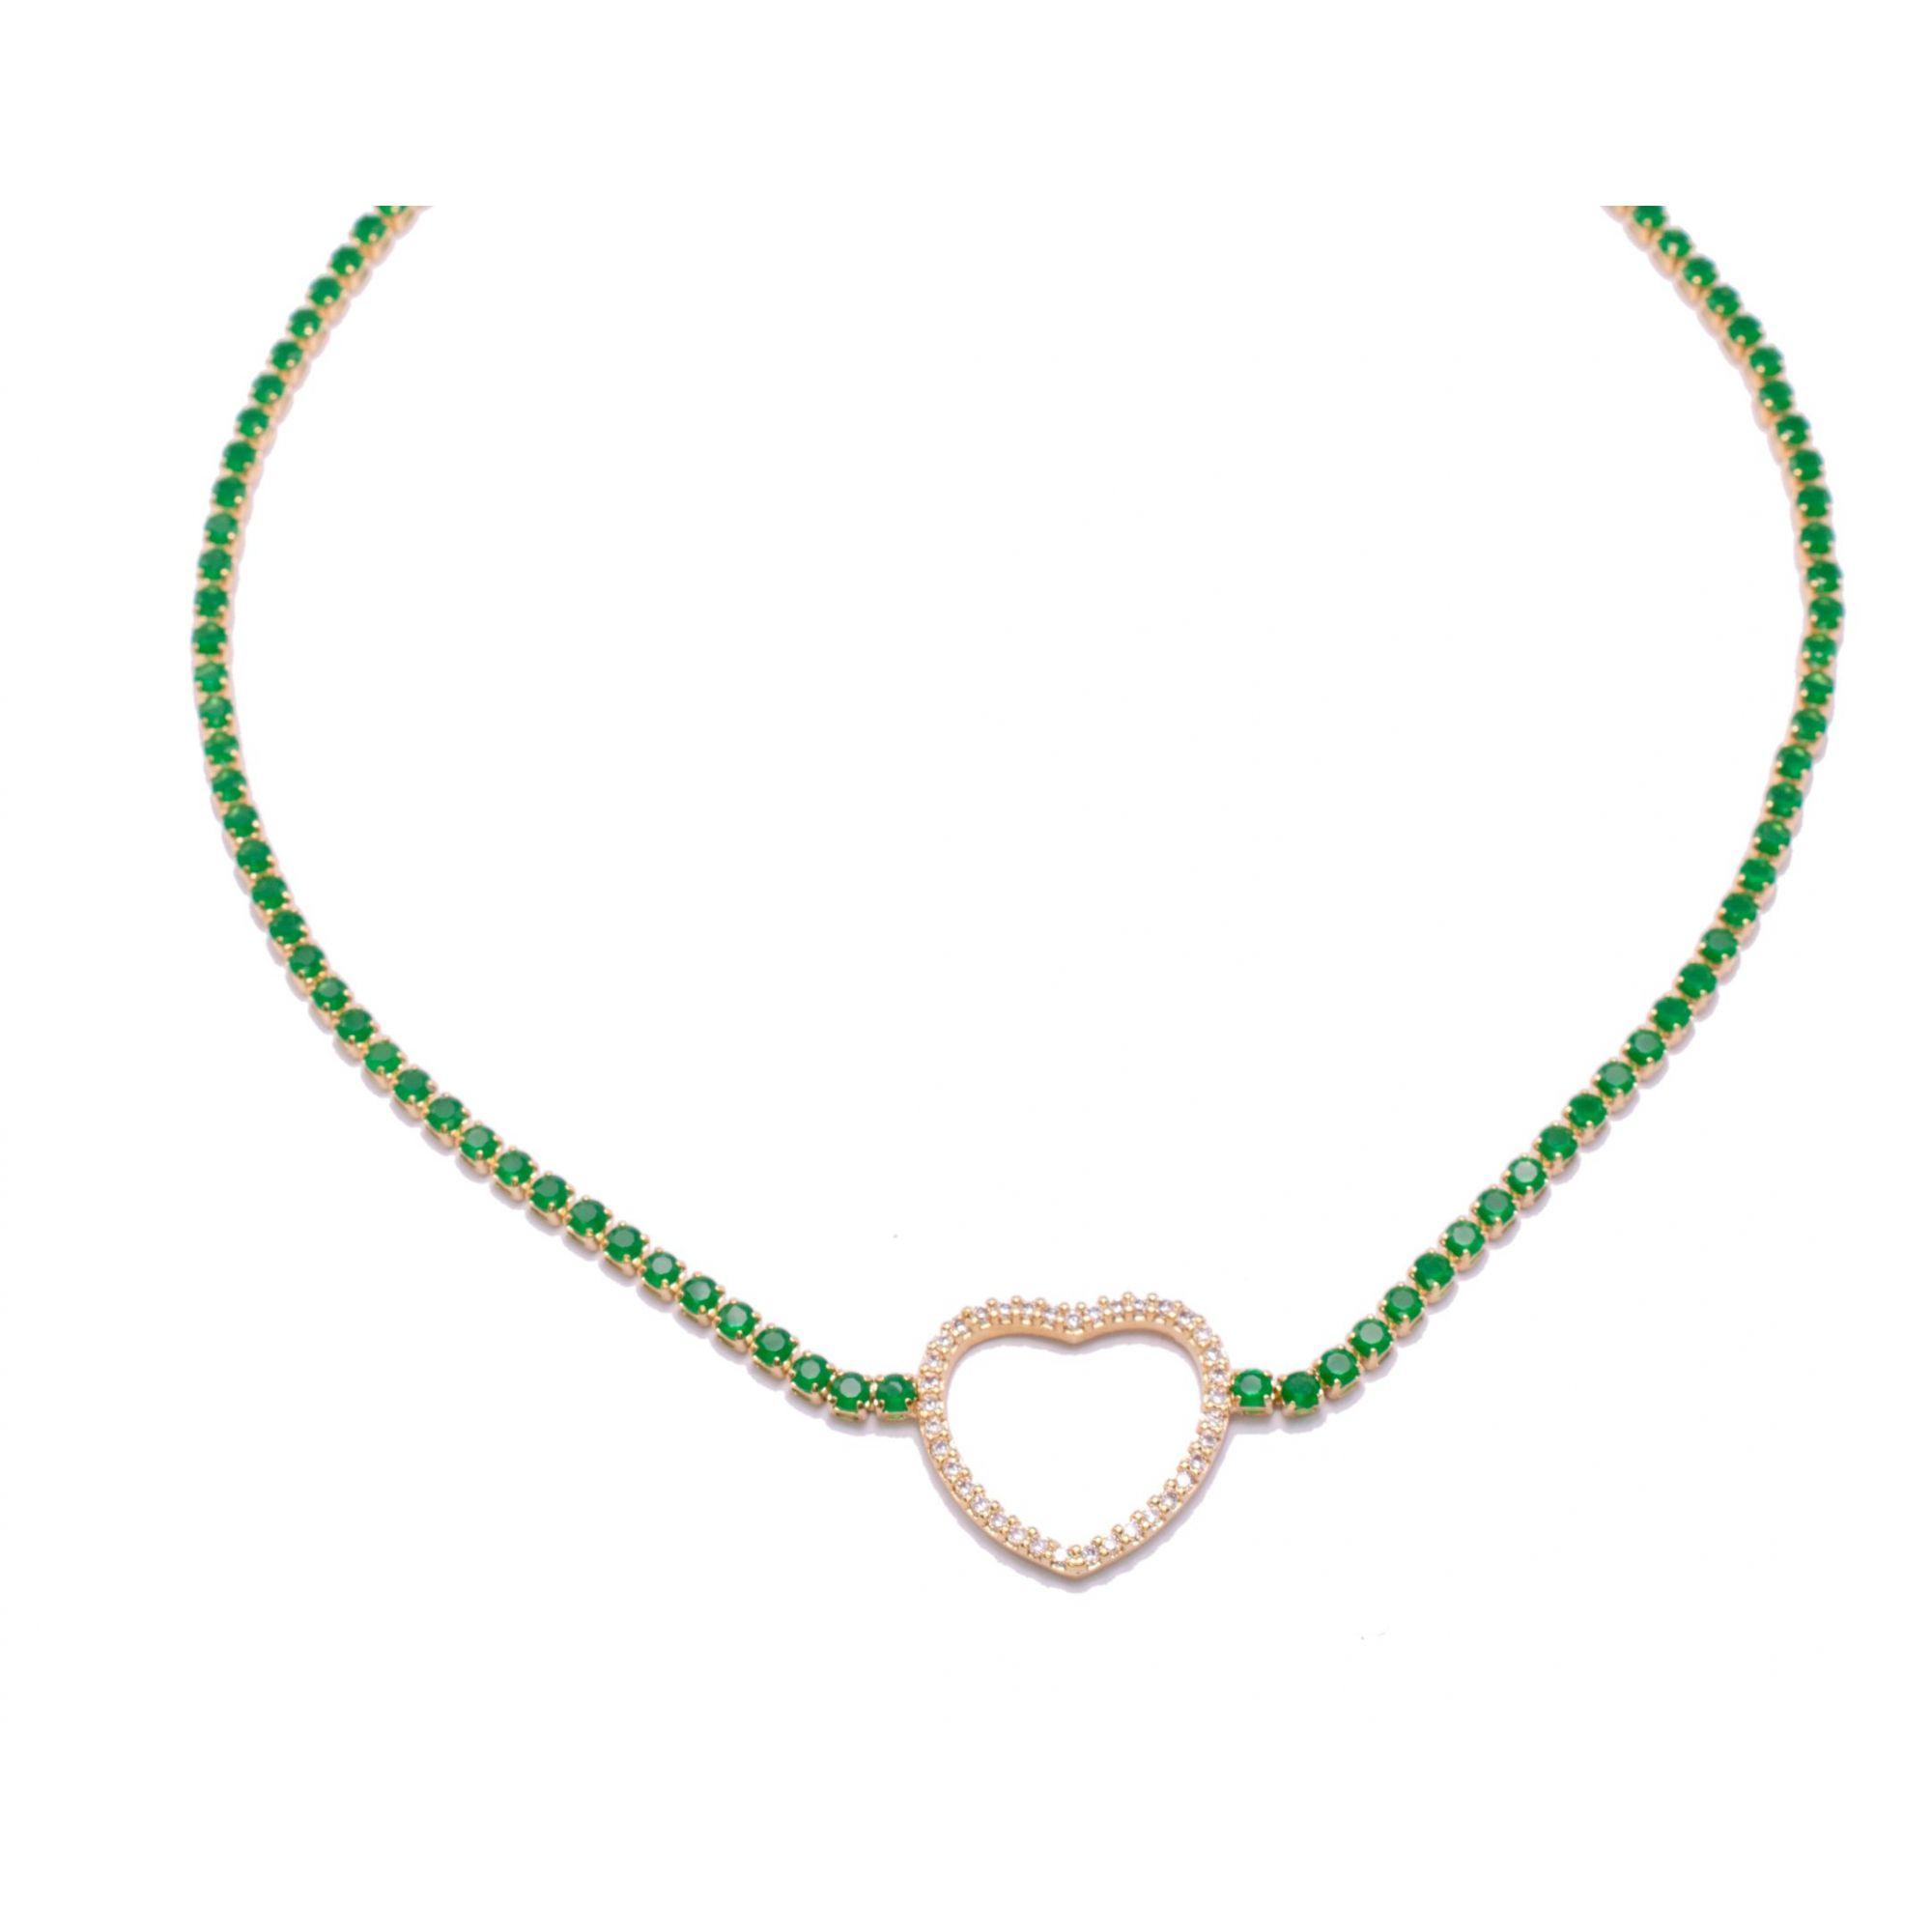 Choker Coração com Zircônia Verde Banho Ouro18k - Giro Semijoias